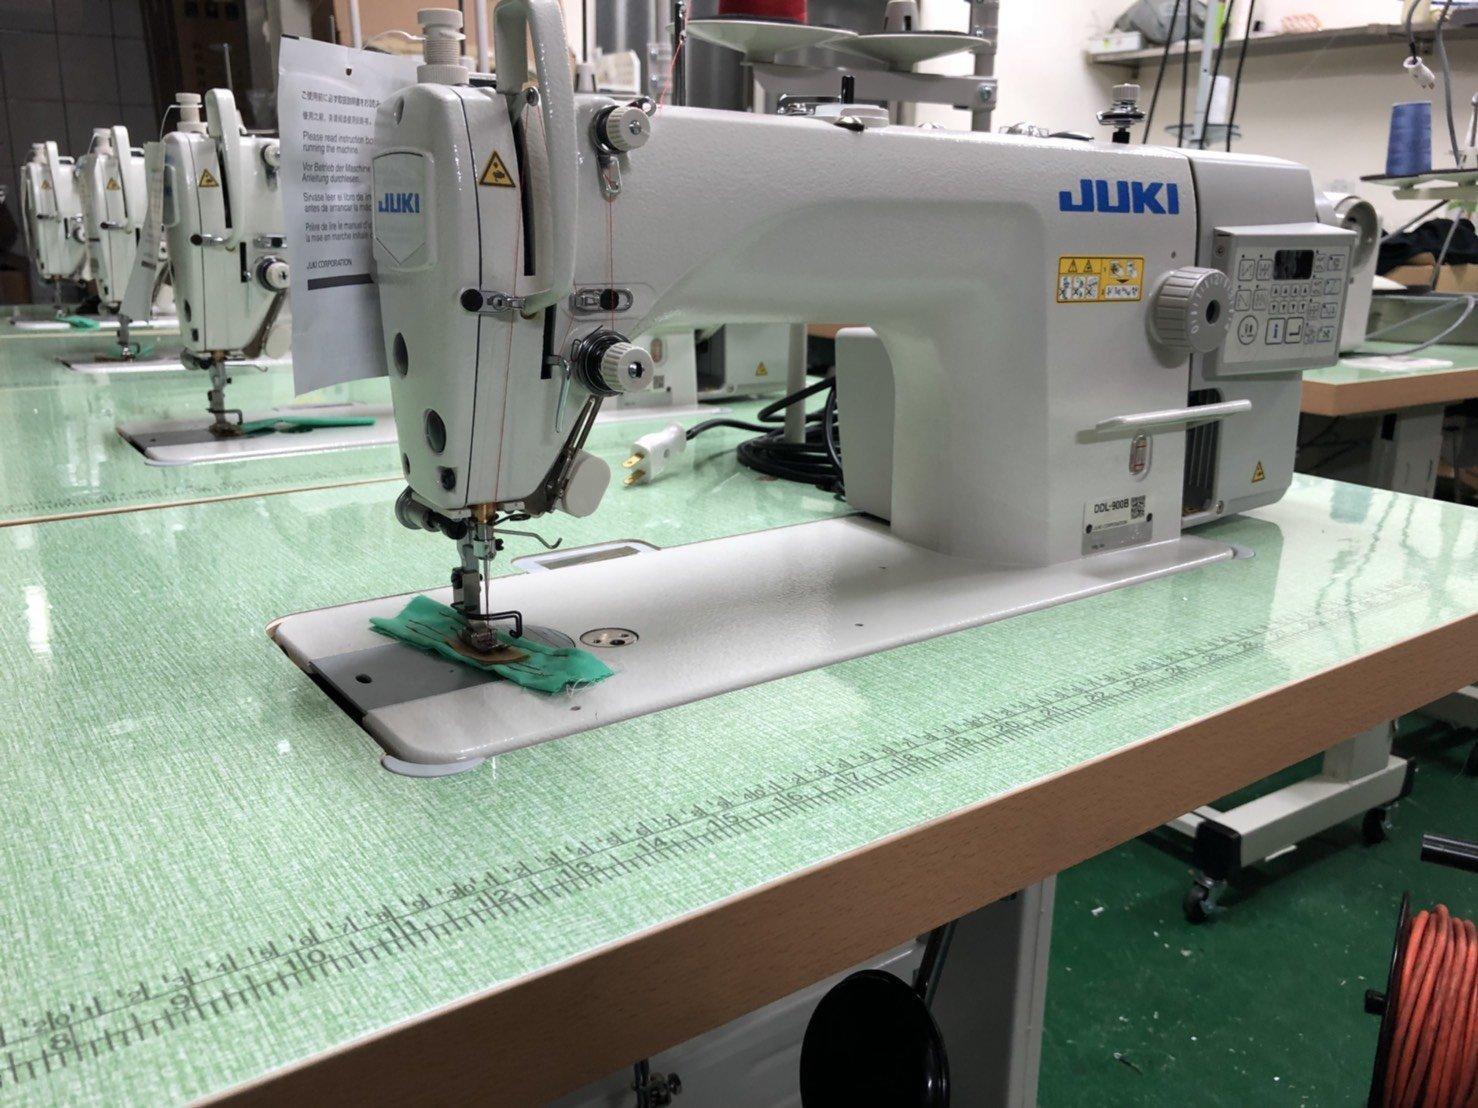 全新 JUKI DDL-900B 工業用 自動切線 平車 縫紉機 送 LED燈 新輝針車有限公司